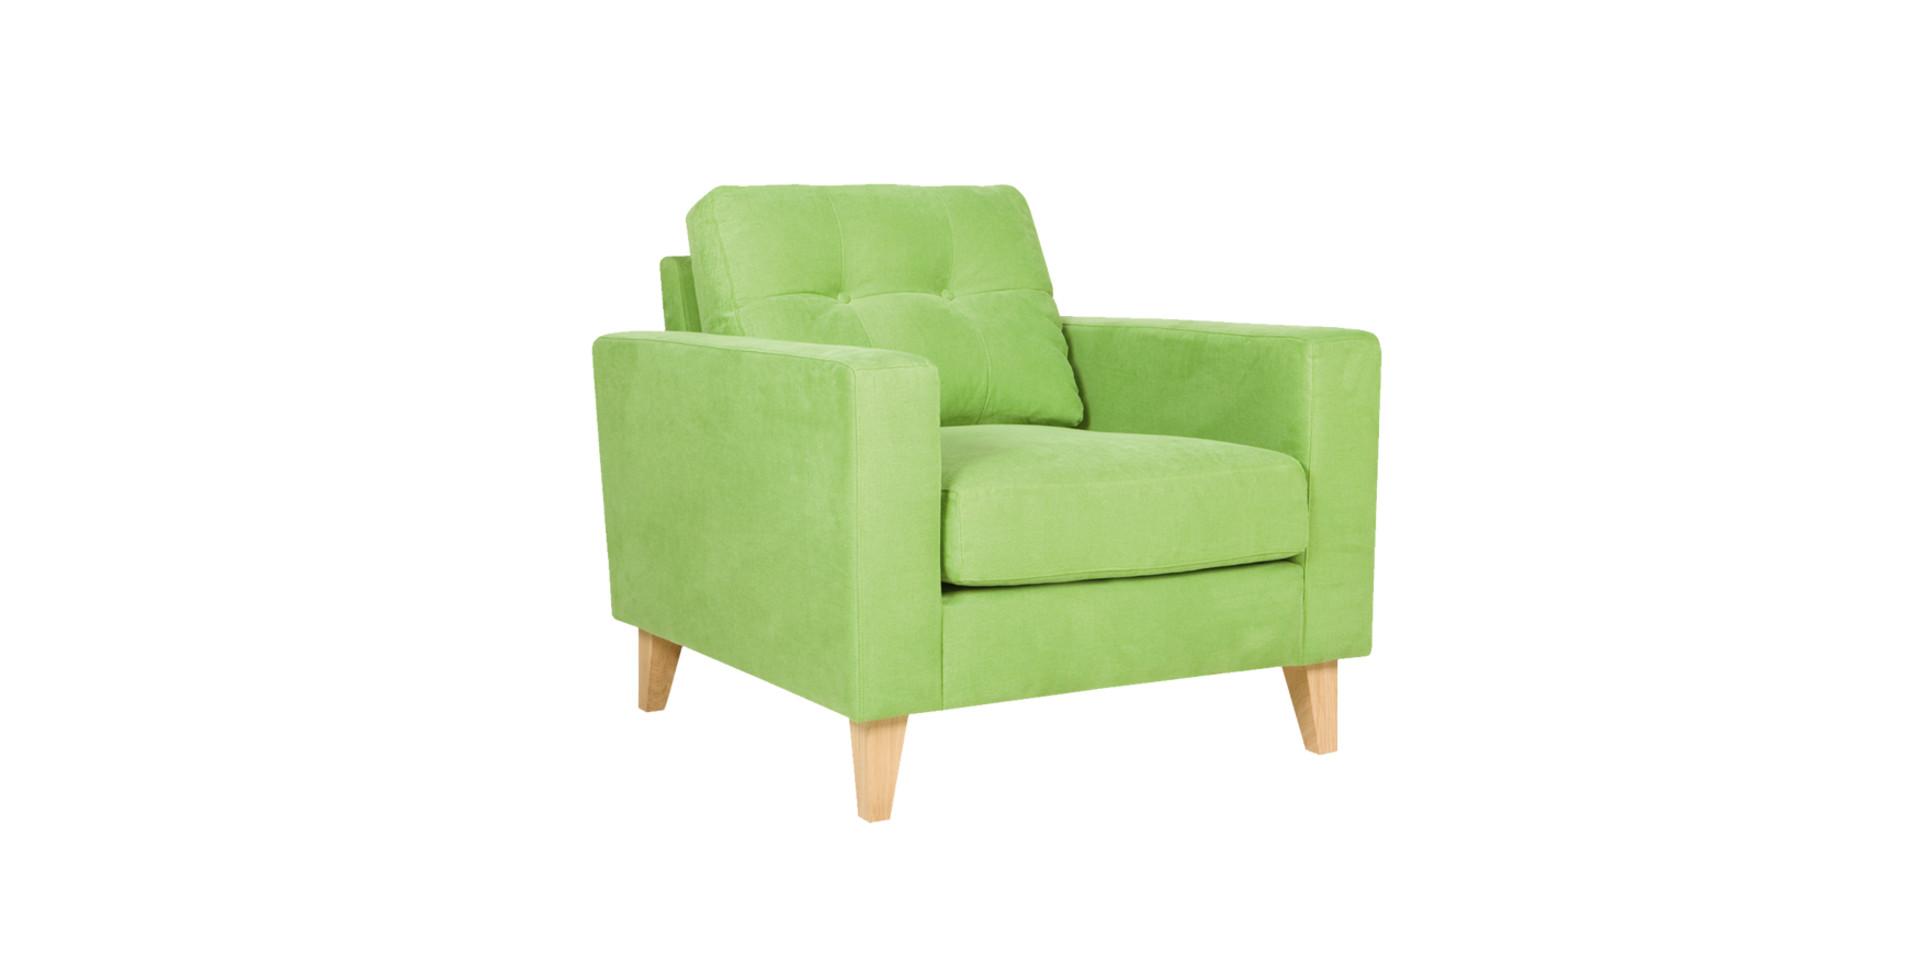 sits-giorgio-fauteuil-armchair_caleido2895_green_2_0